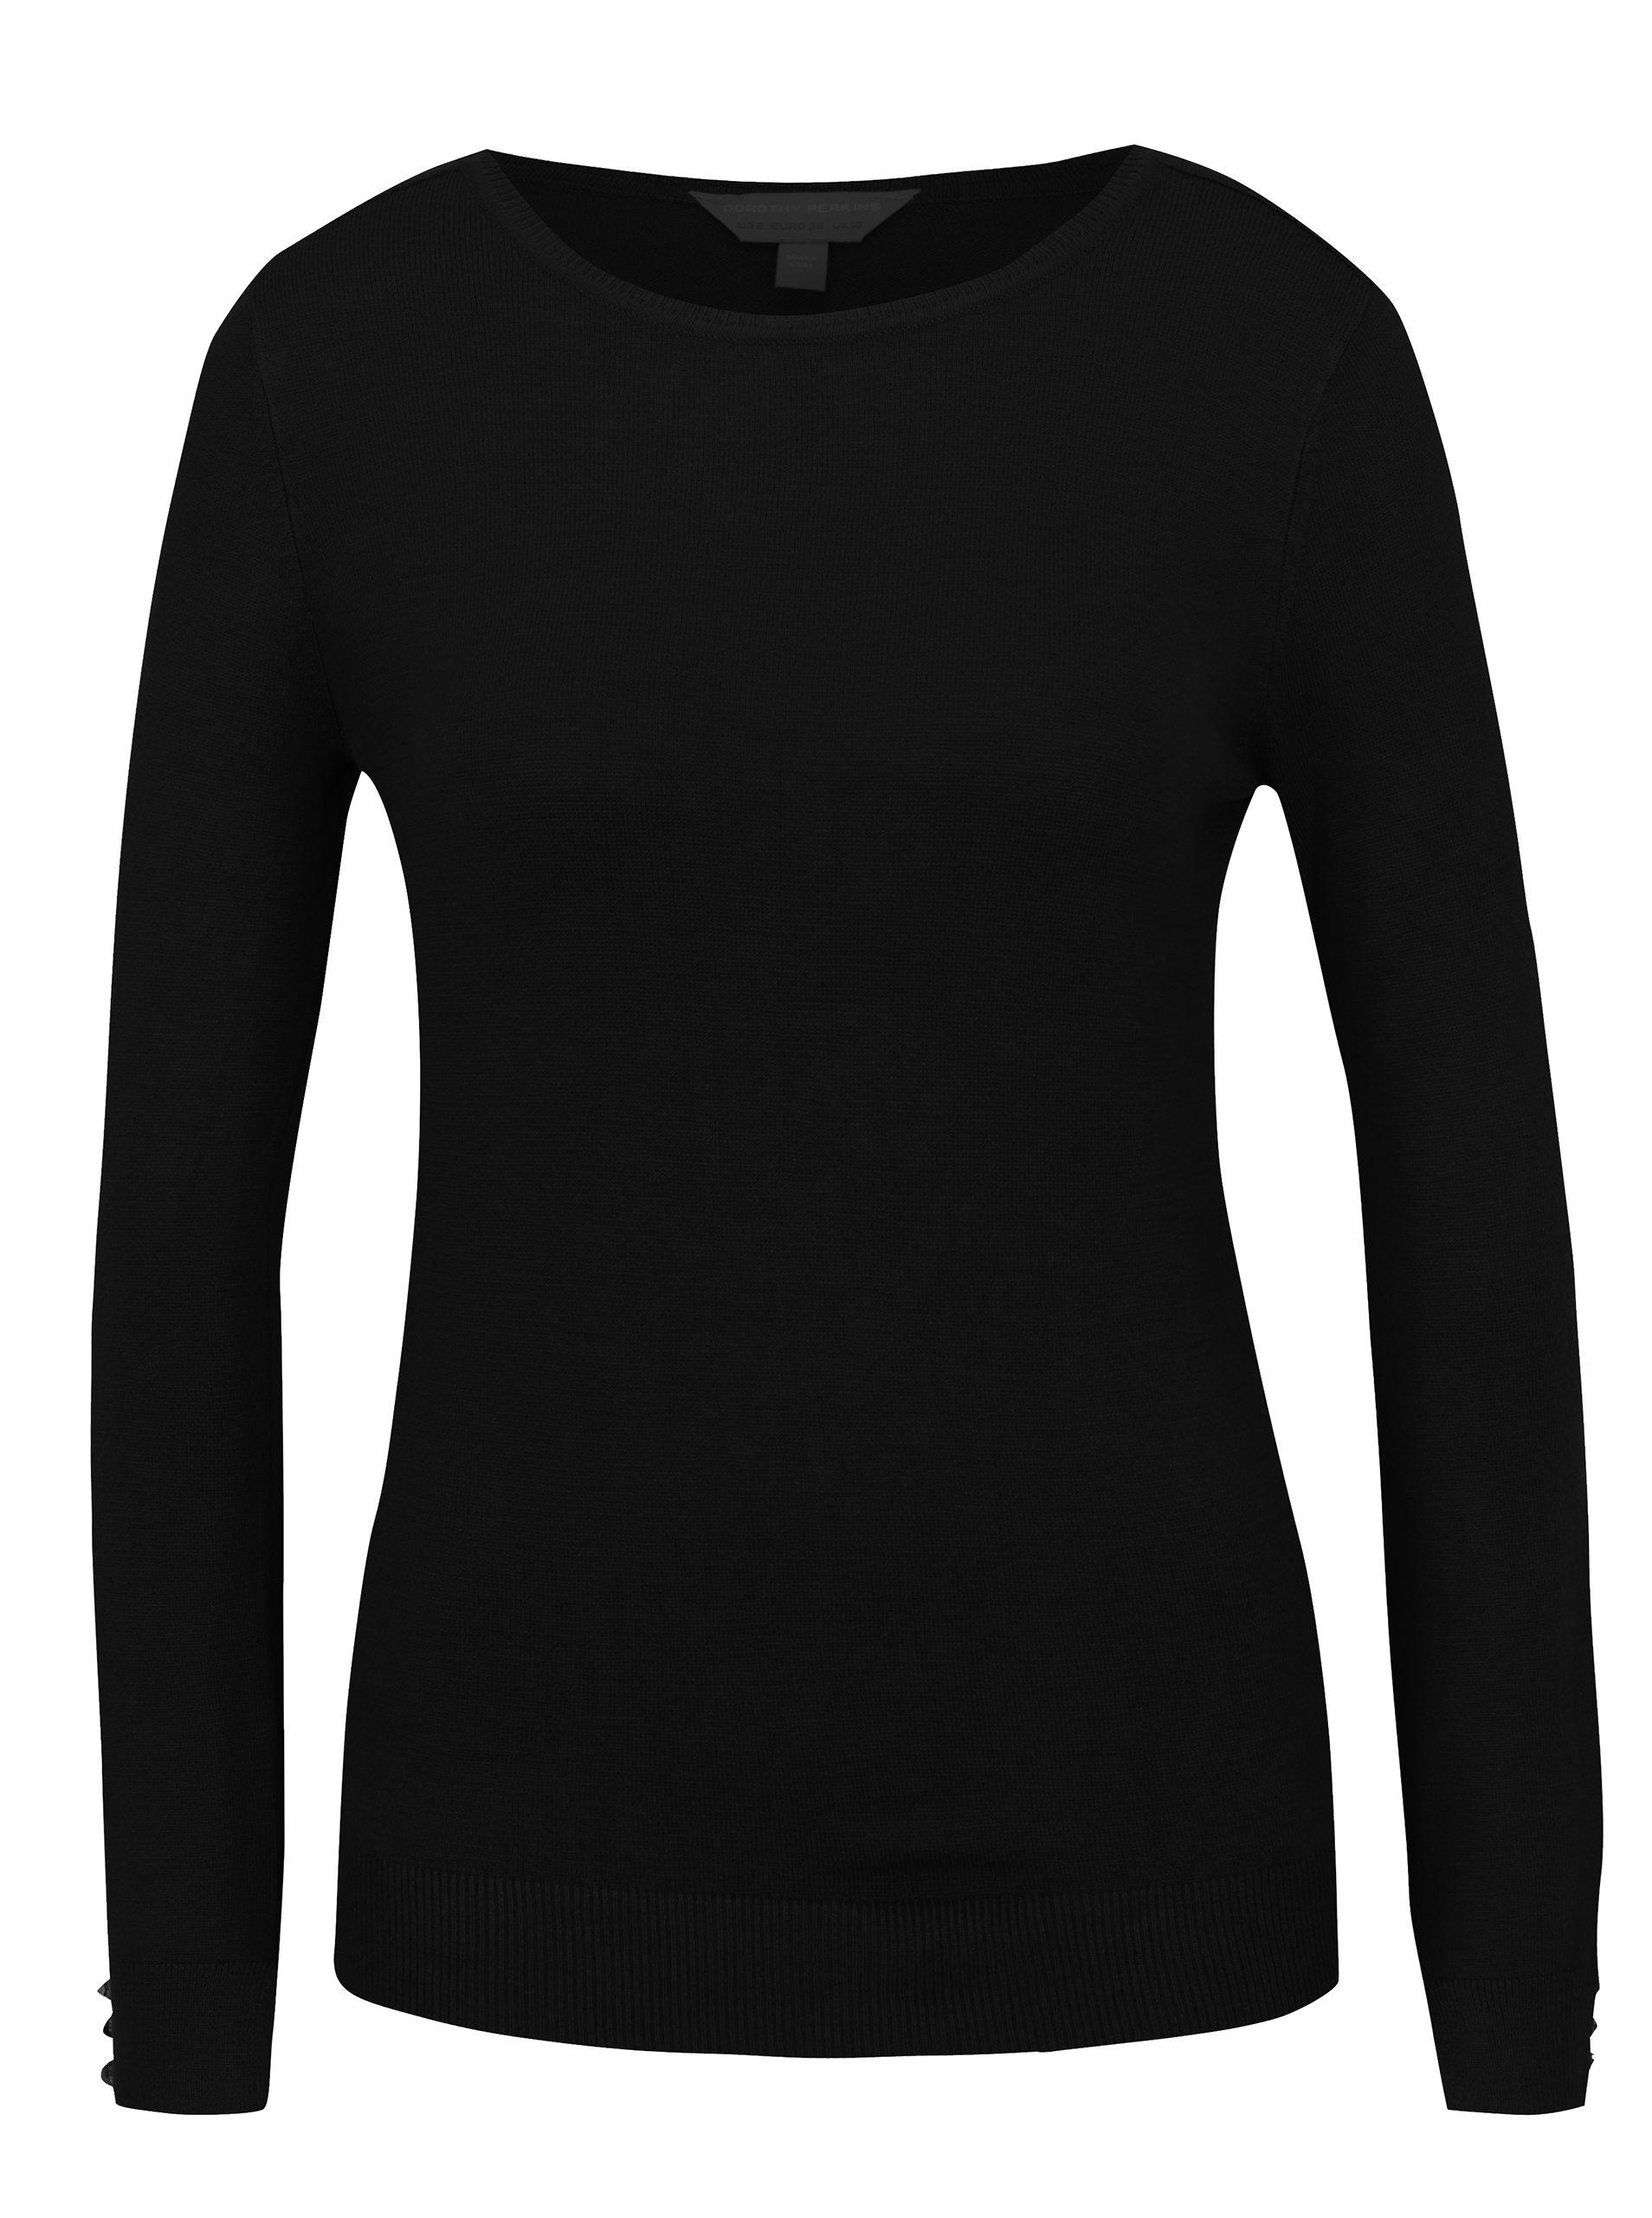 Černý svetr s knoflíky na rukávech Dorothy Perkins